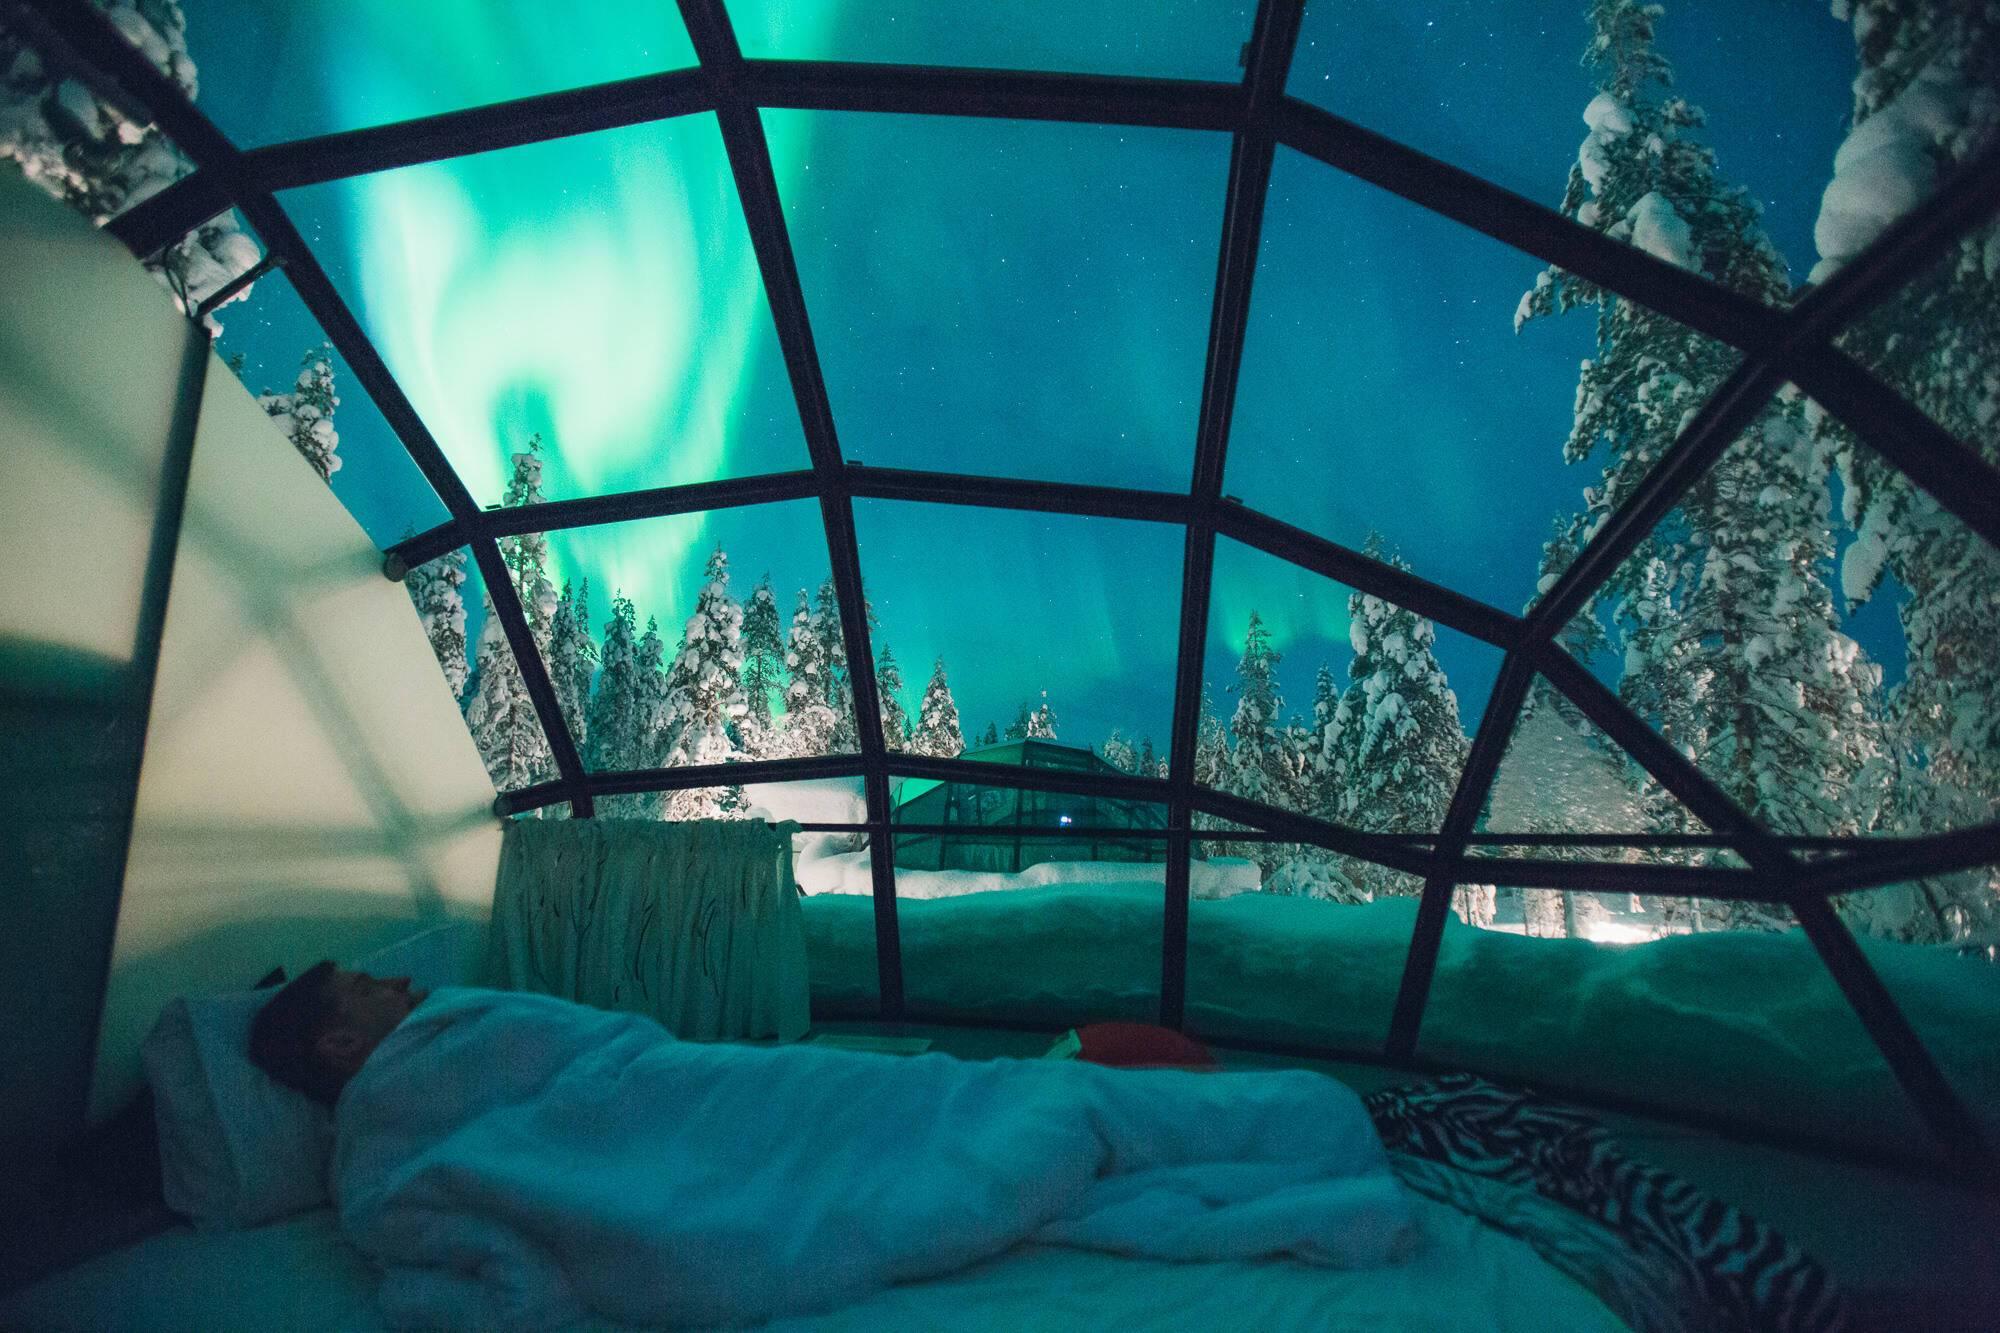 Kakslauttanen Aurore Boreale Interieur Laponie